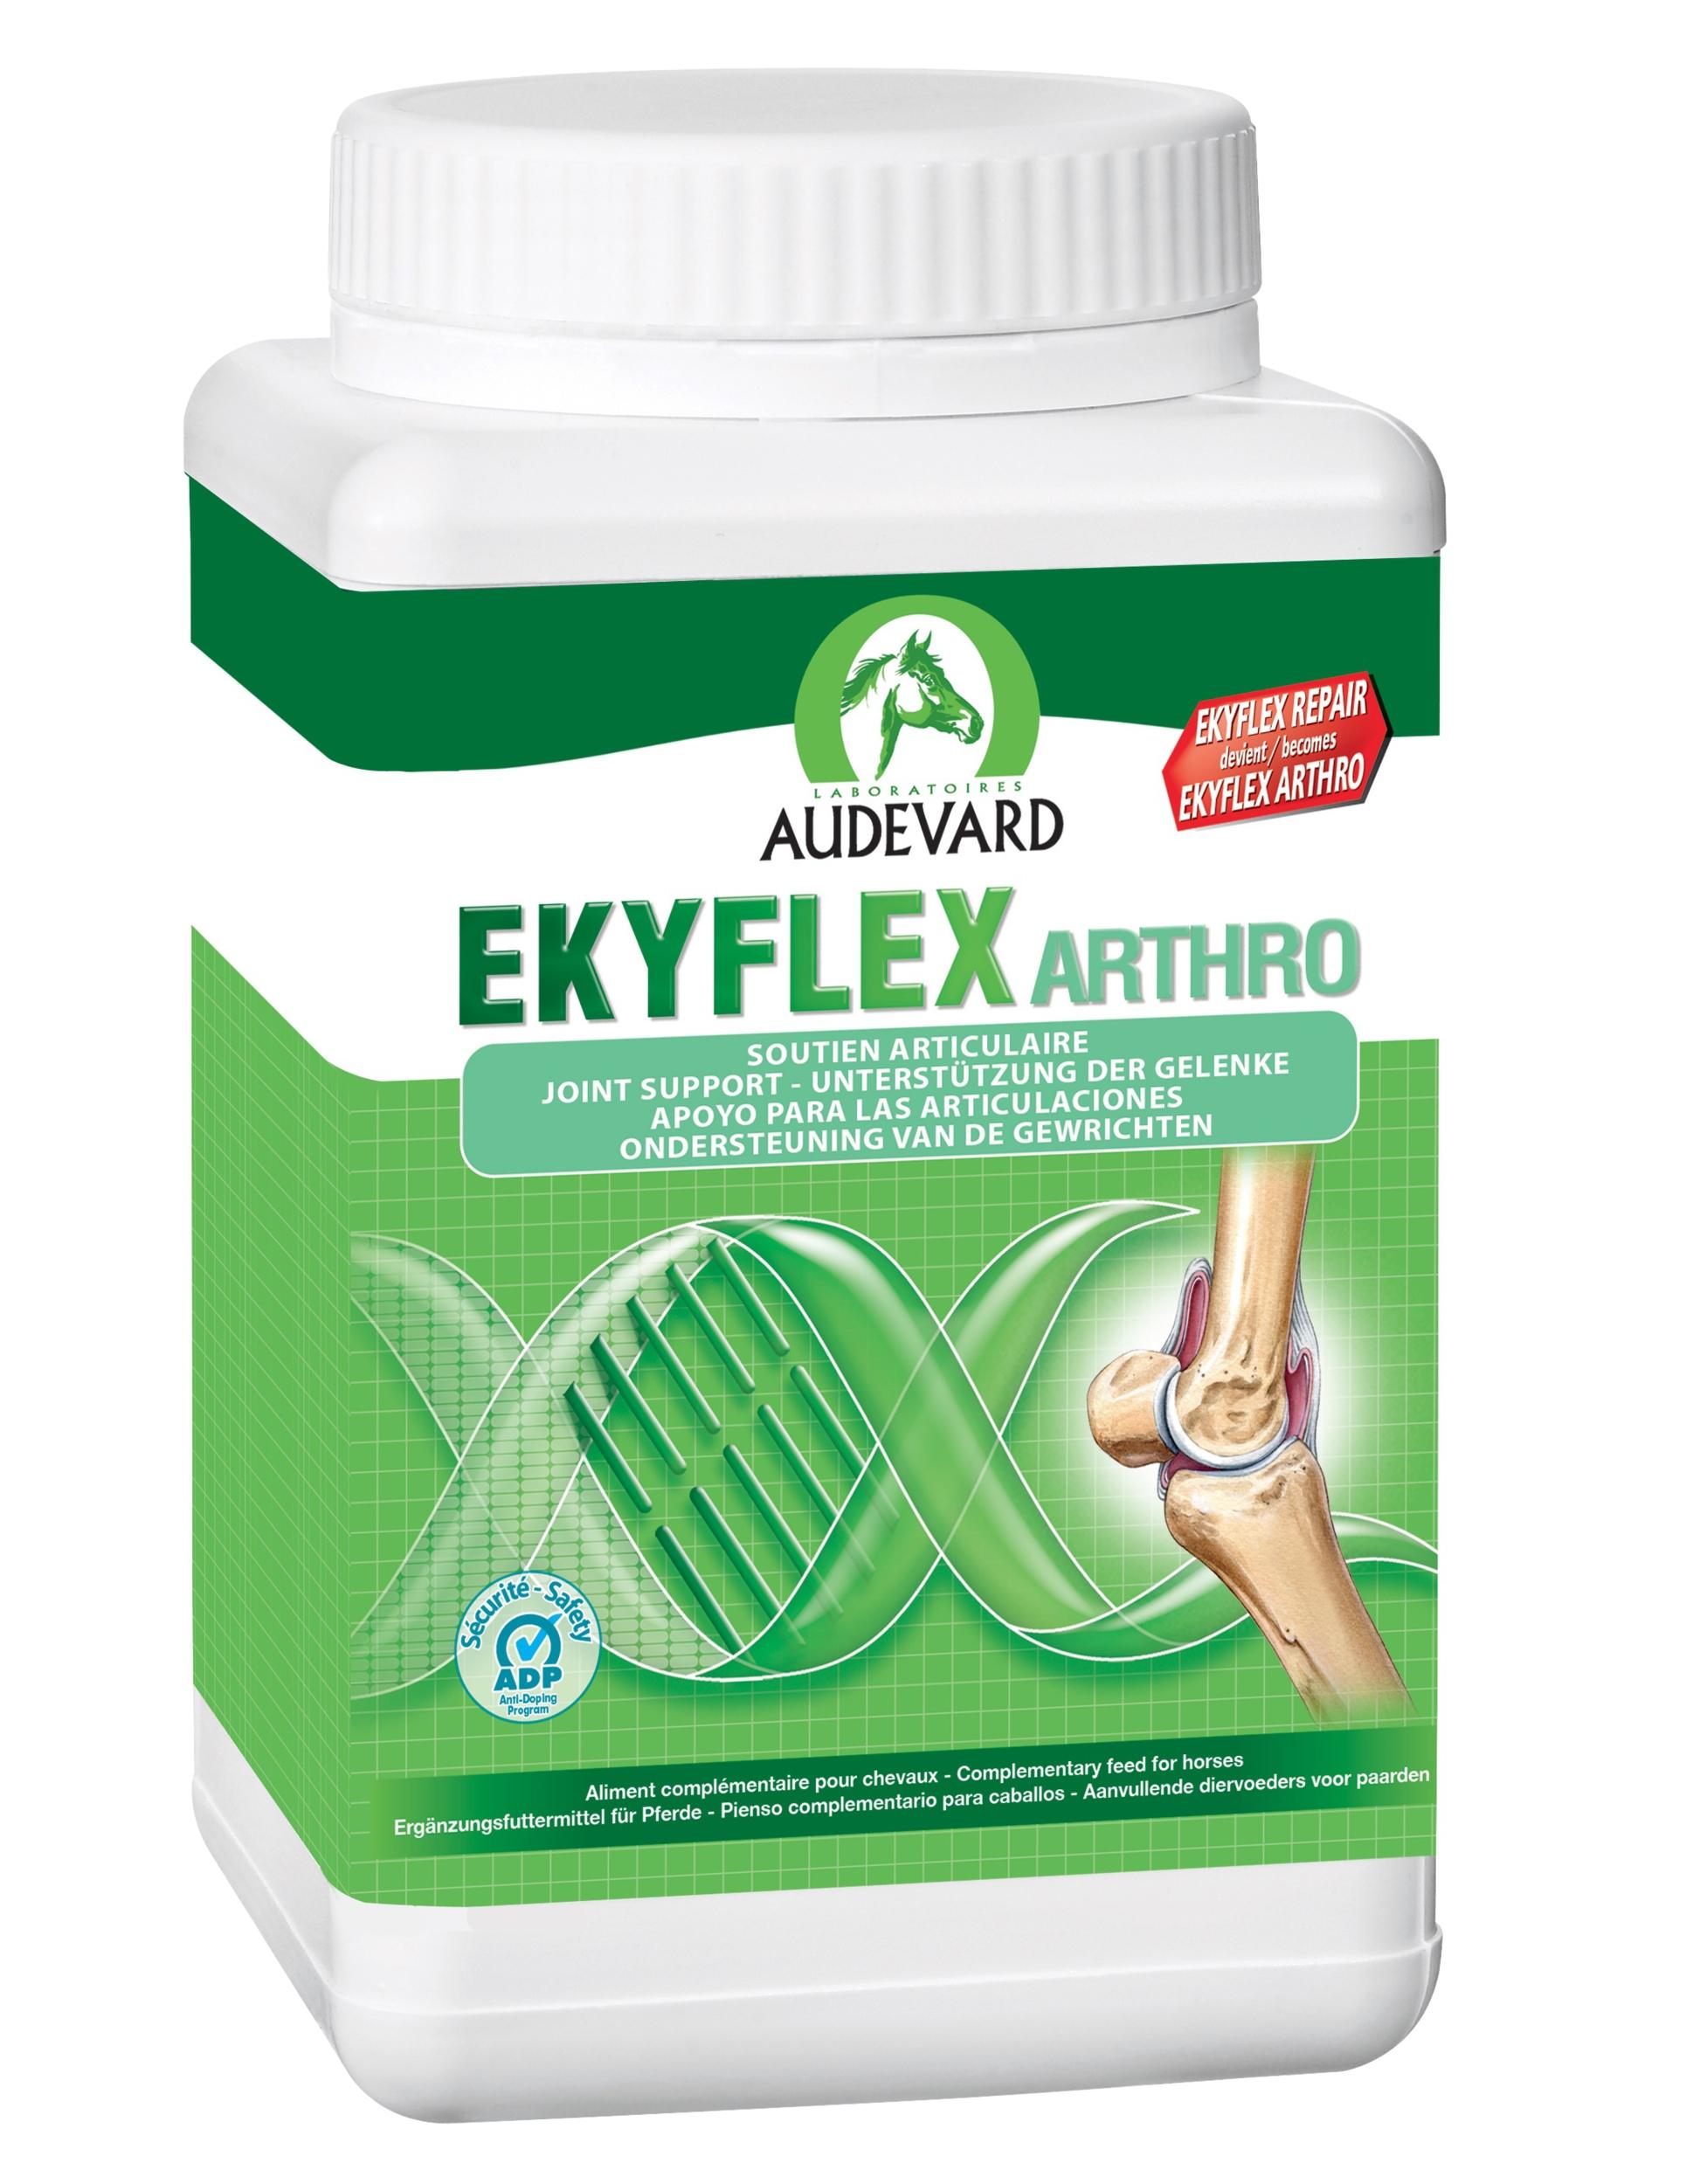 EKYFLEX ARTHRO soutien articulaire du cheval